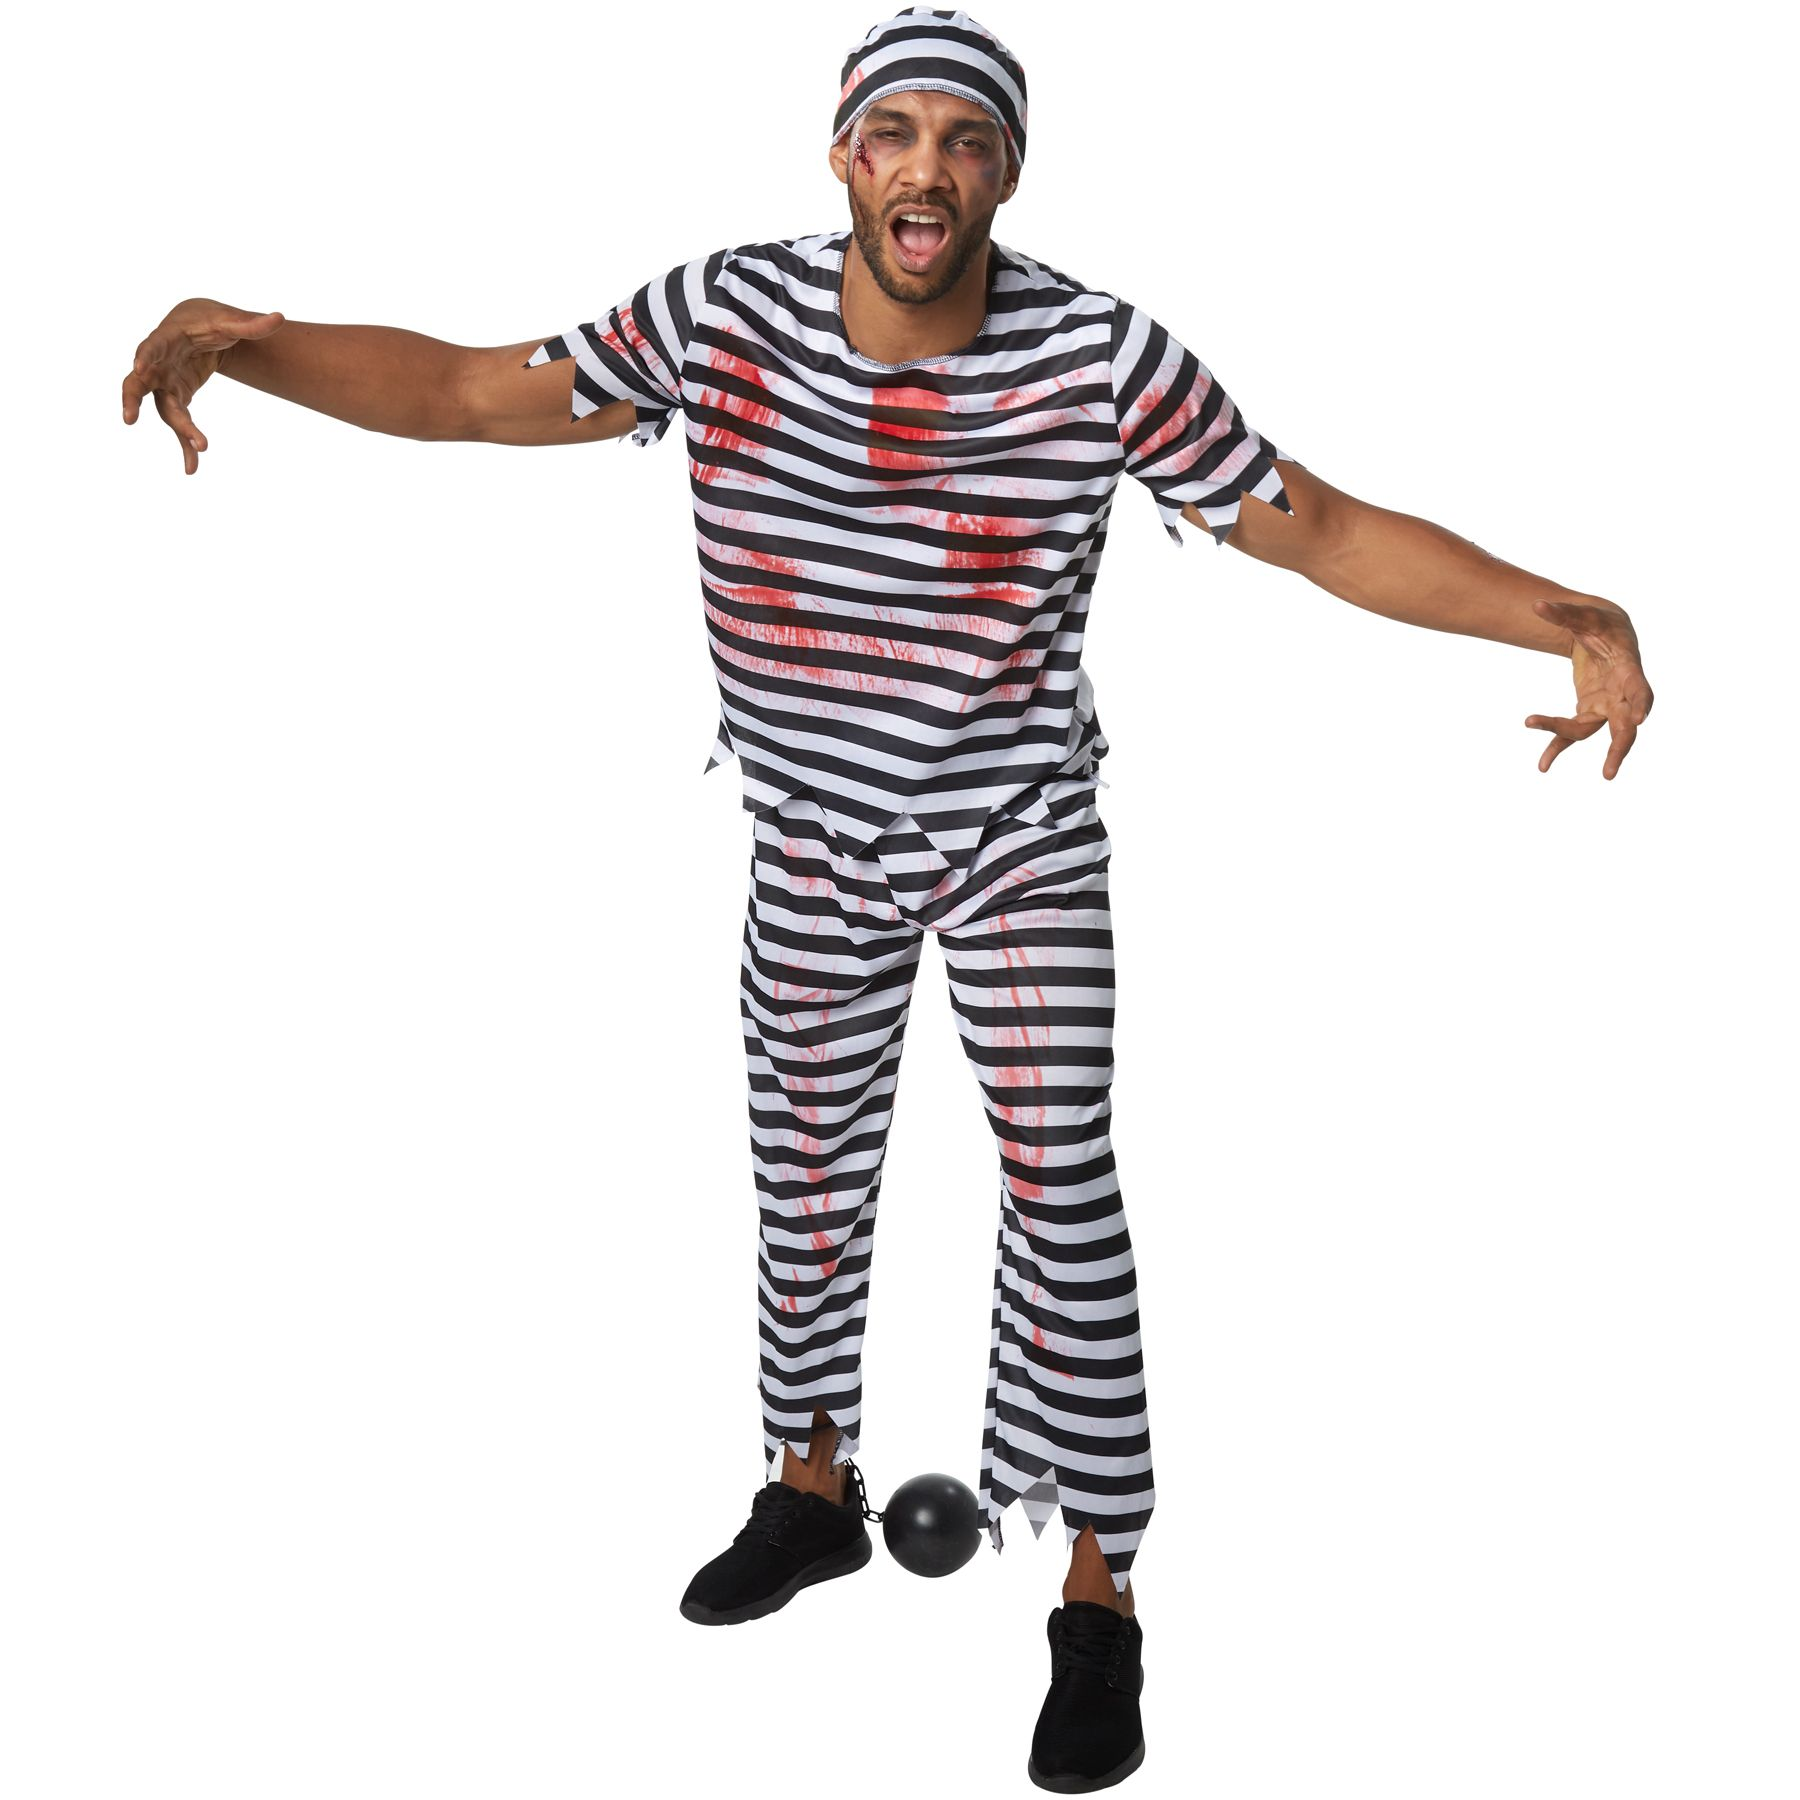 6fa86e8a20c3 Il costume per uomo da terrificante detenuto è costituito da un  travestimento in tre pezzi, a righe bianche e nere, imbrattato di macchie di  sangue.